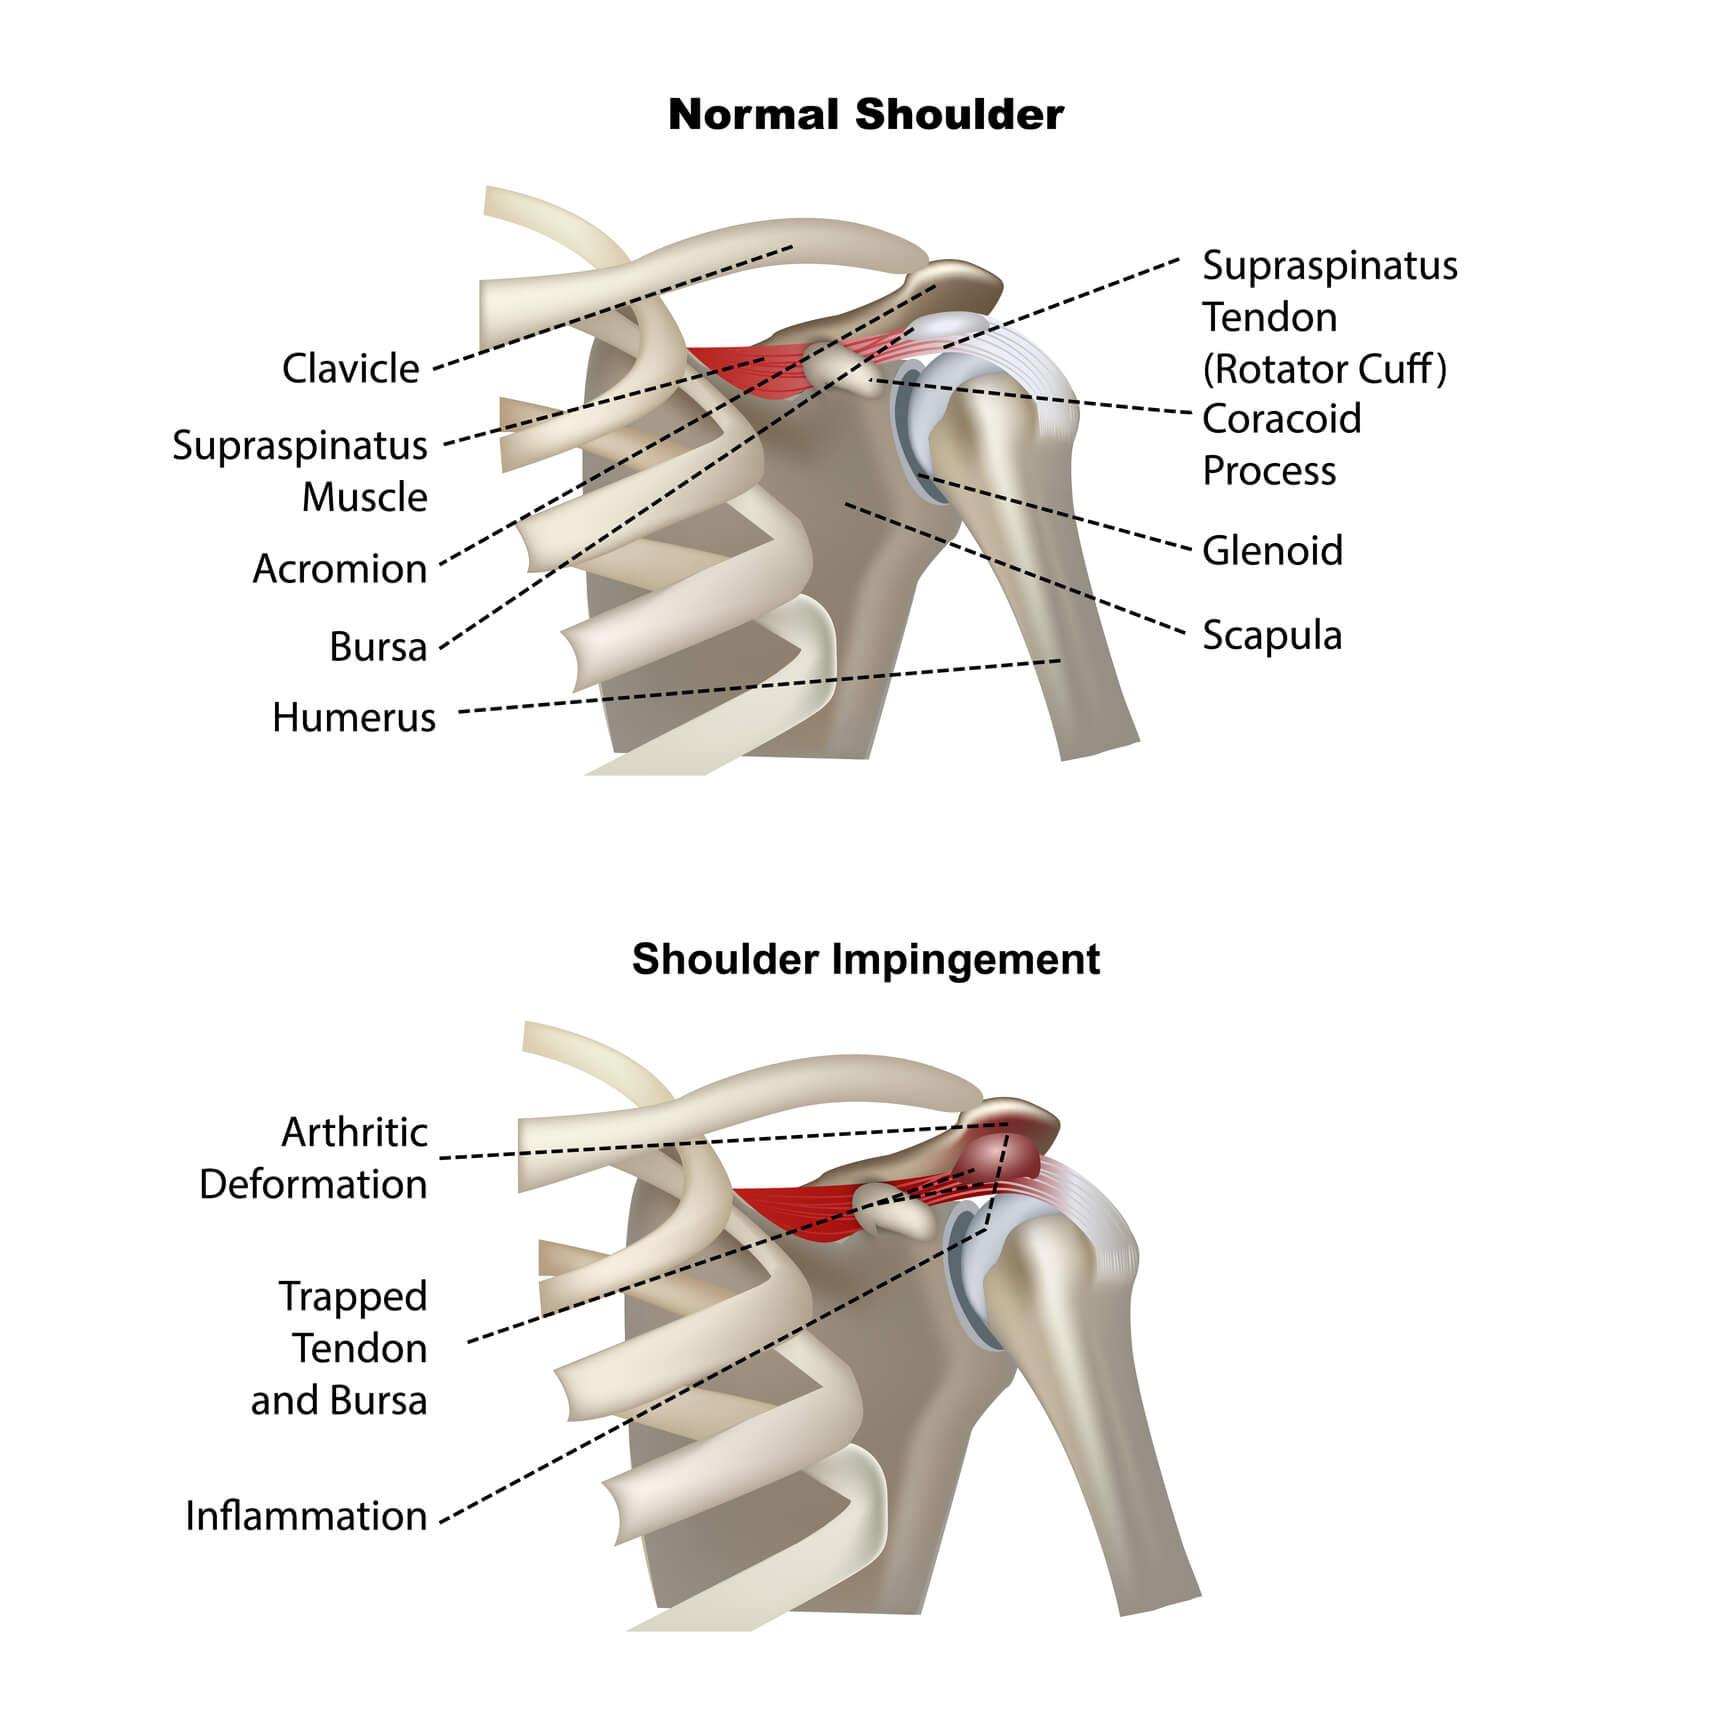 Image of a shoulder showing how shoulder impingement develops